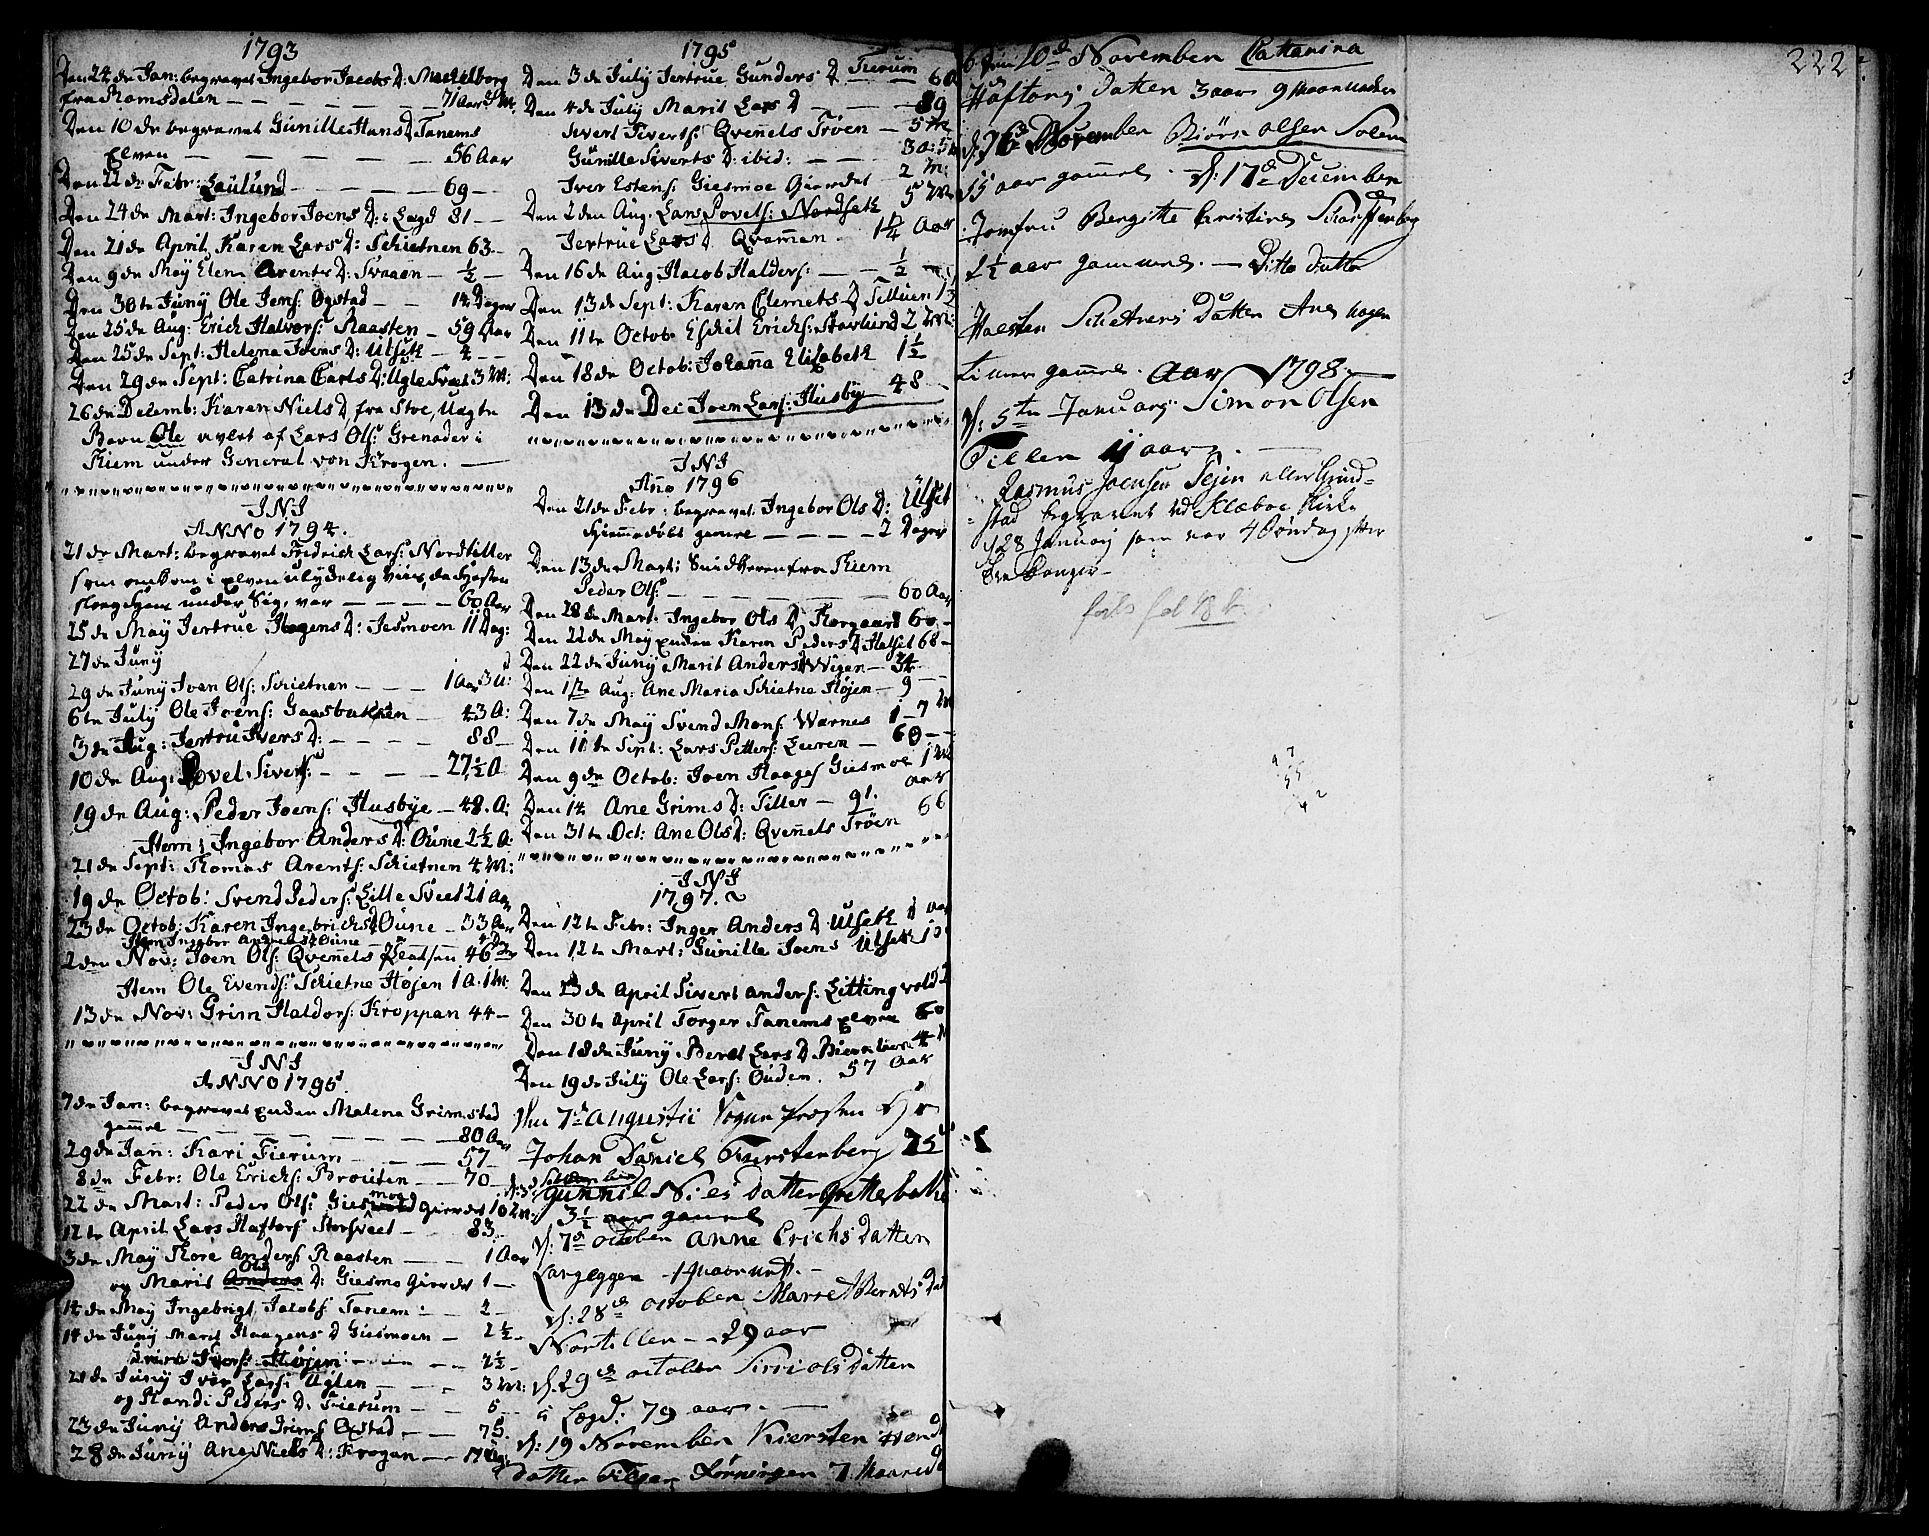 SAT, Ministerialprotokoller, klokkerbøker og fødselsregistre - Sør-Trøndelag, 618/L0438: Ministerialbok nr. 618A03, 1783-1815, s. 222